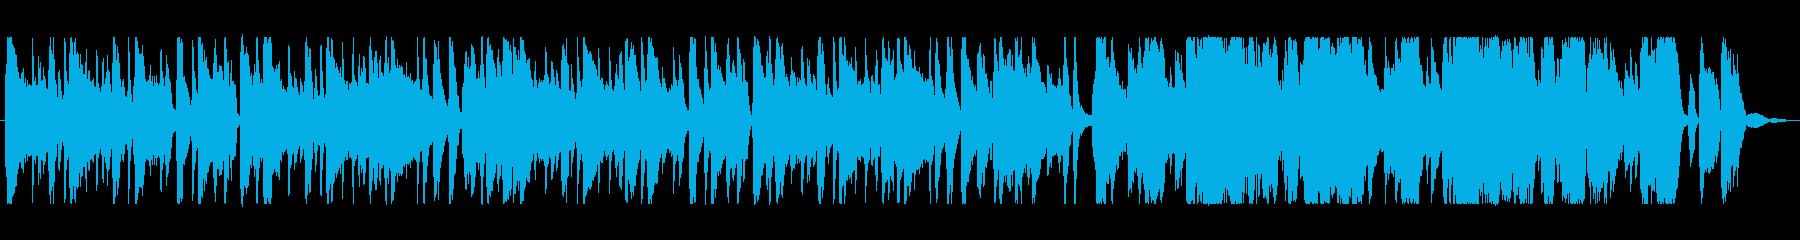 日常系カフェミュージックの再生済みの波形